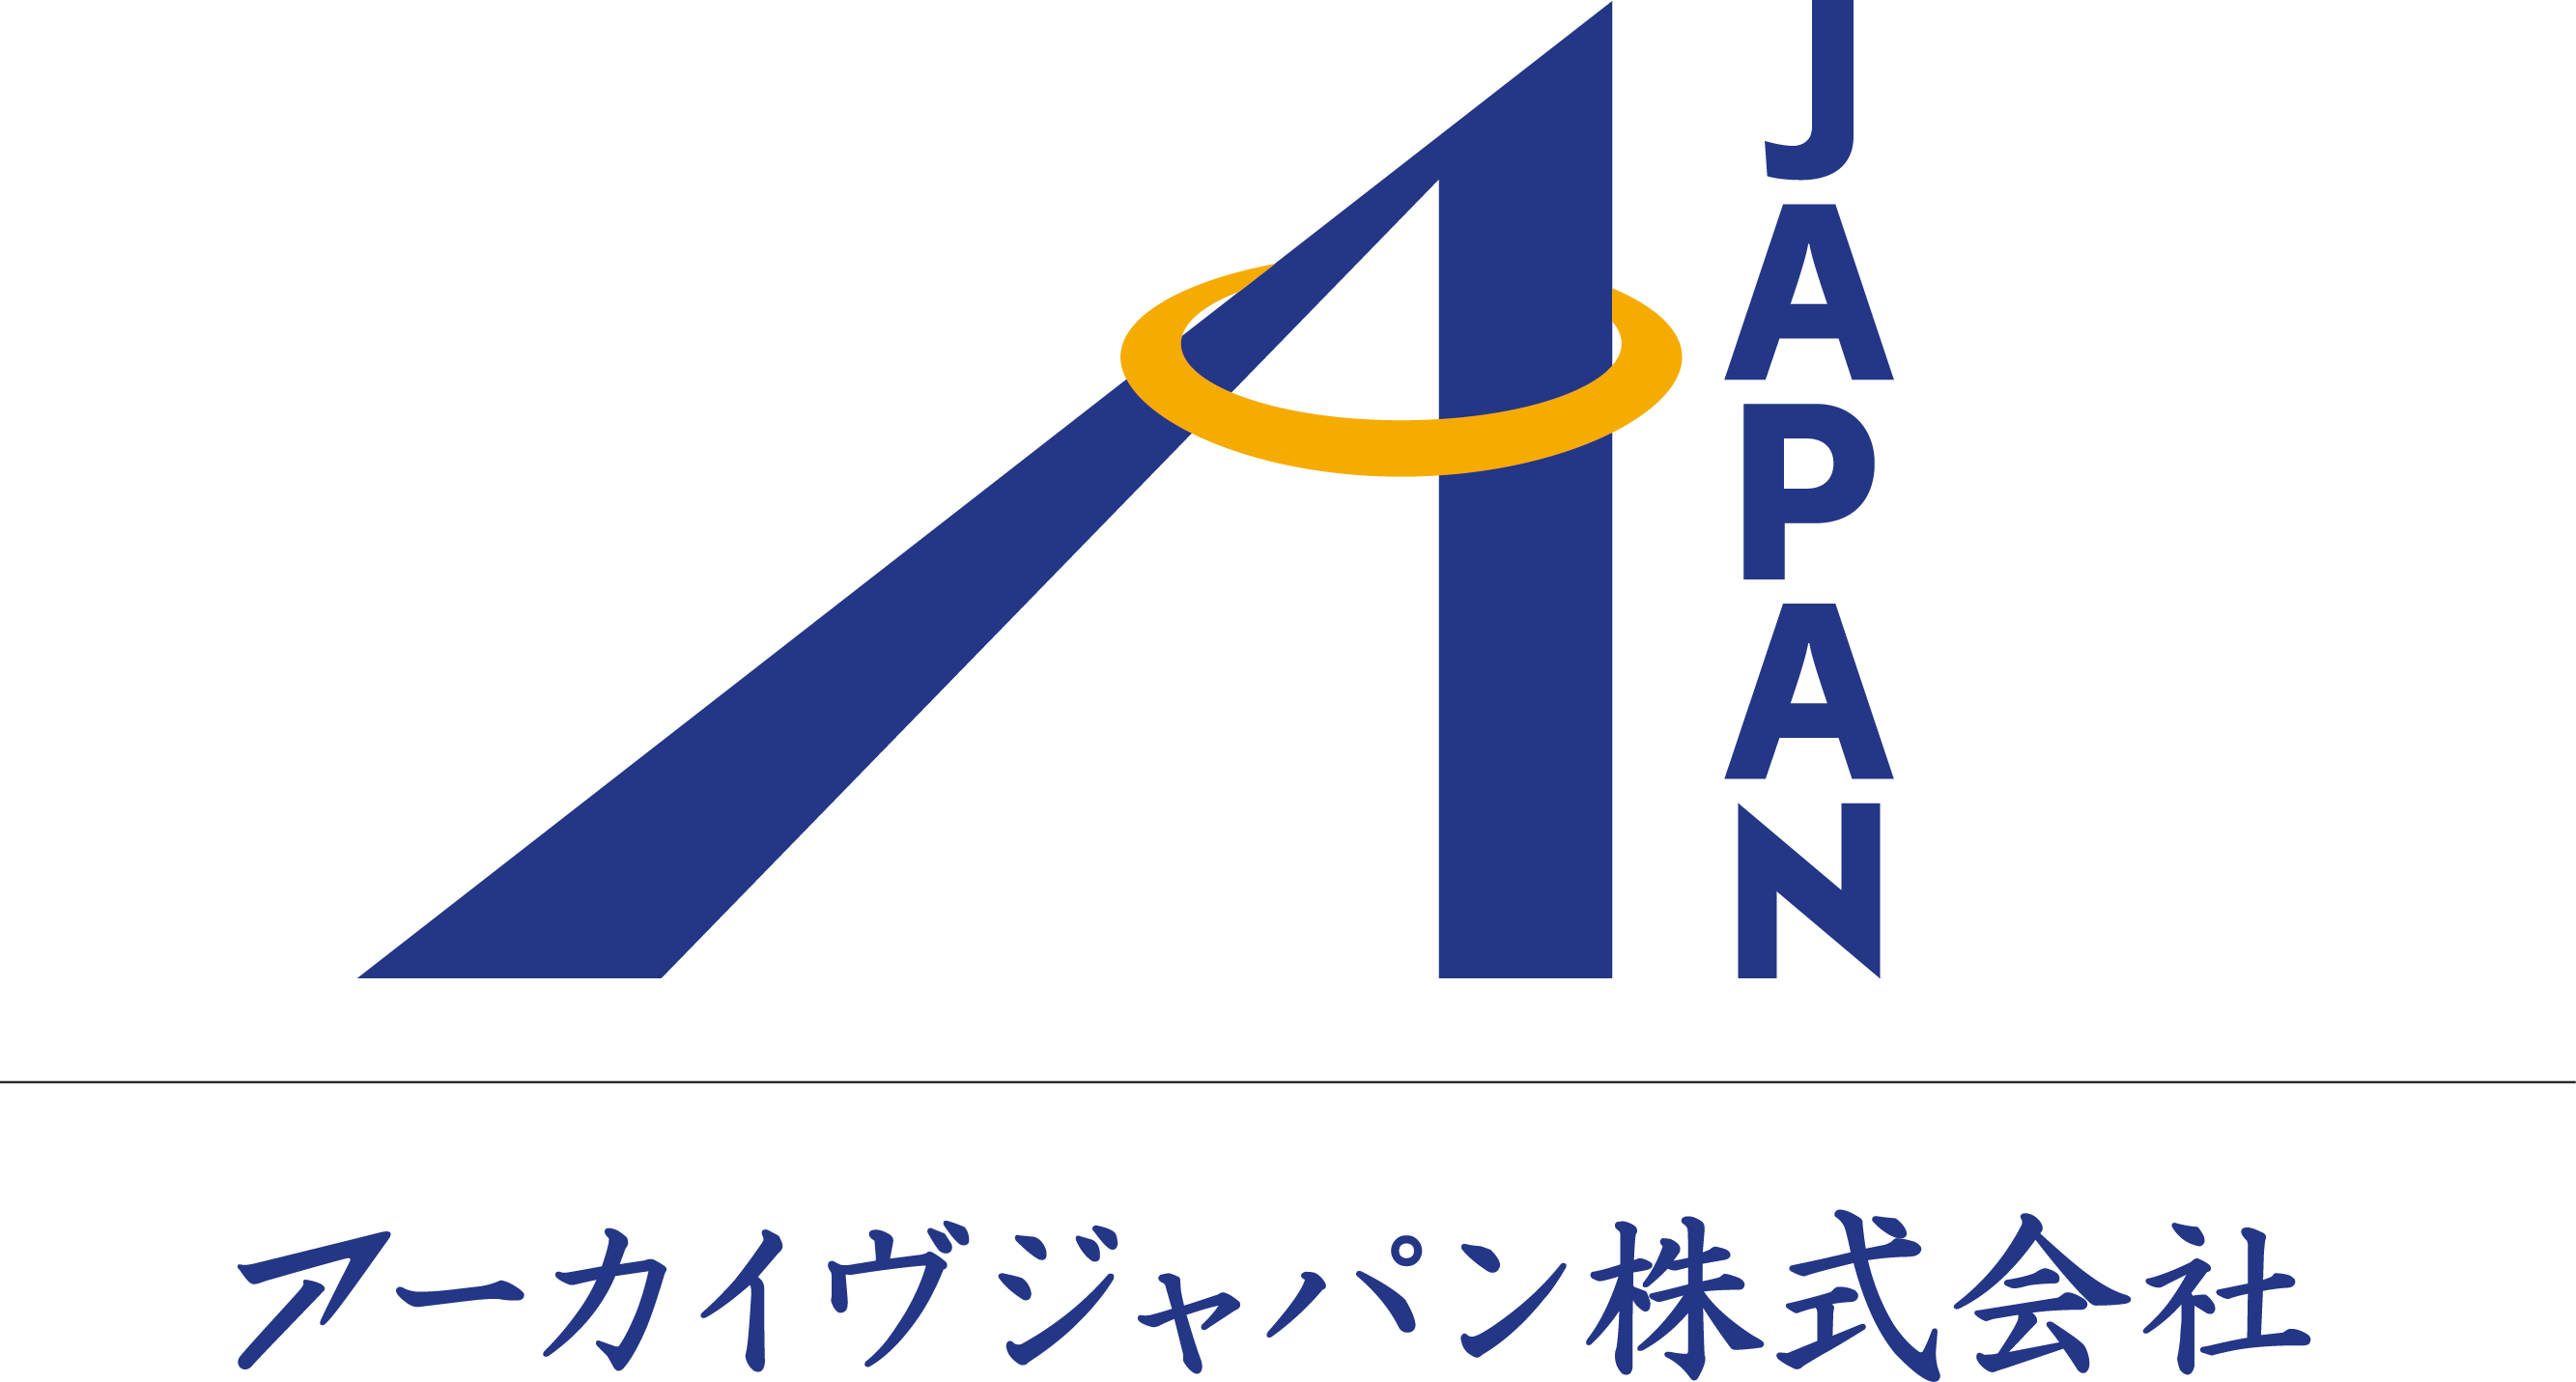 アーカイヴジャパン株式会社